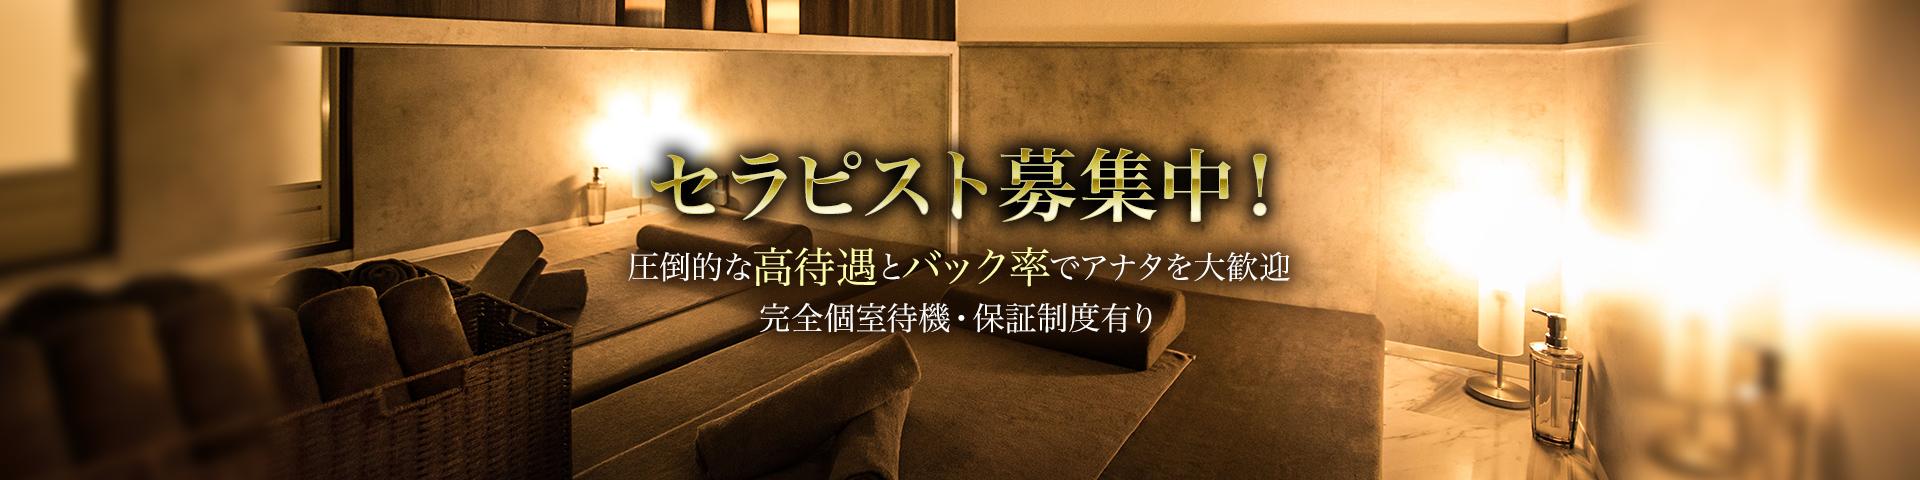 新橋本格リンパマッサージ&メンズエステサロン「ULTIMATE SPA〜アルティメット・スパ」お得な情報